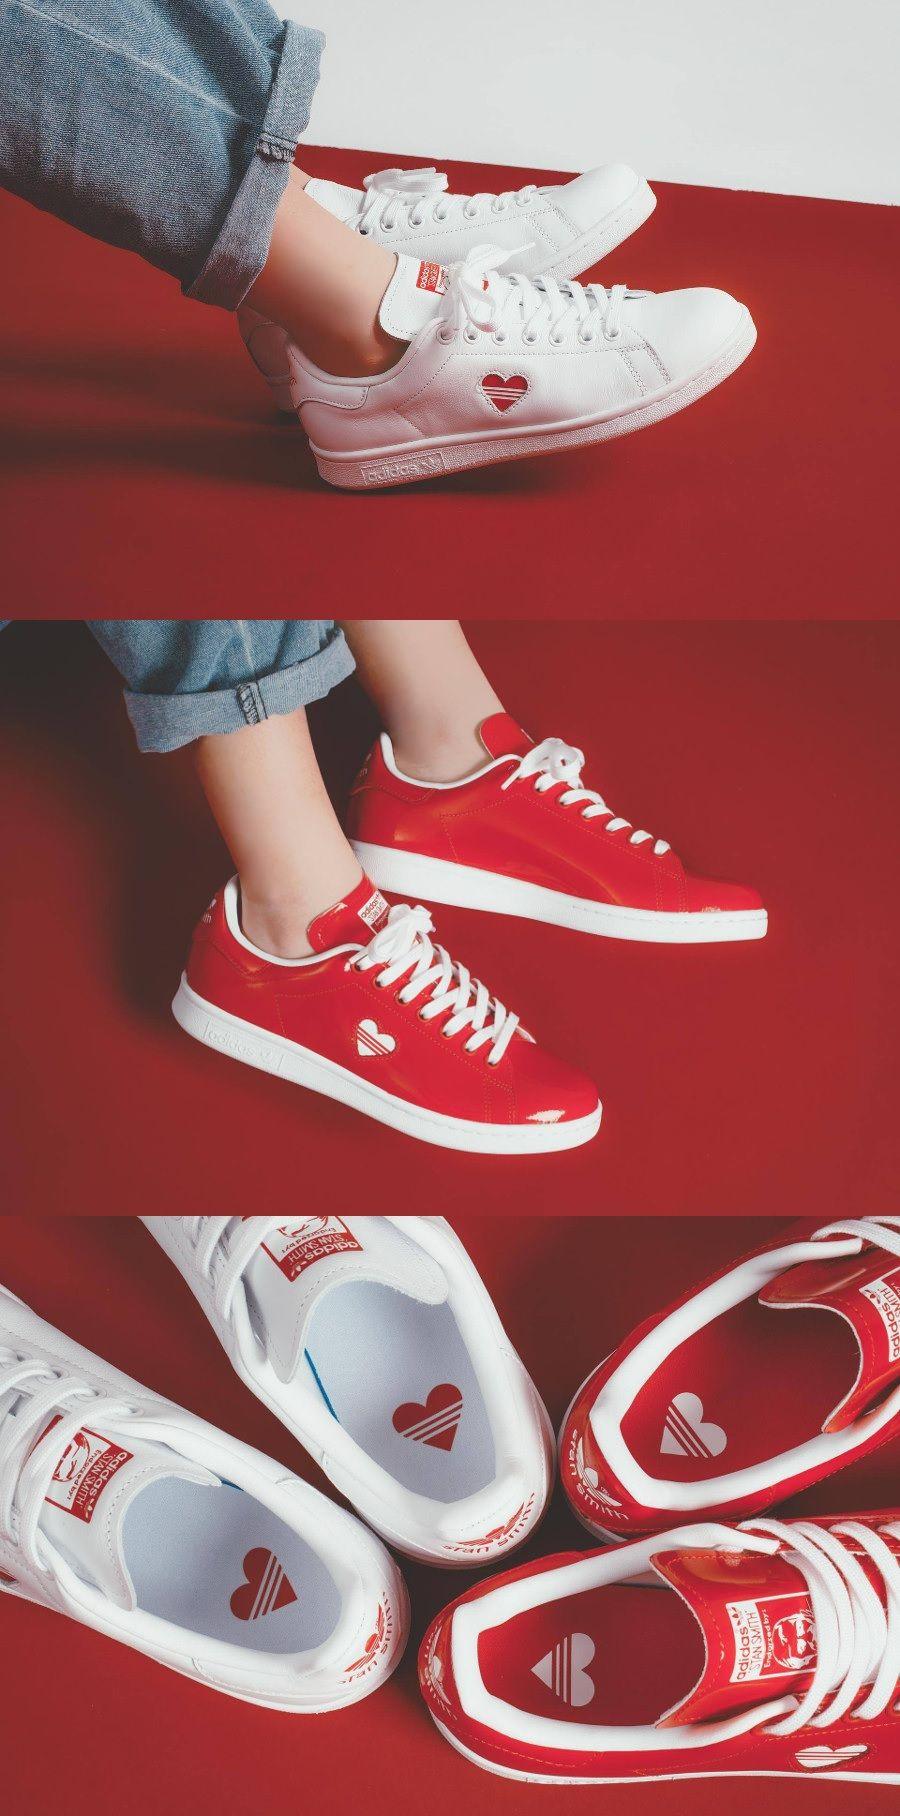 Épinglé sur Kicks